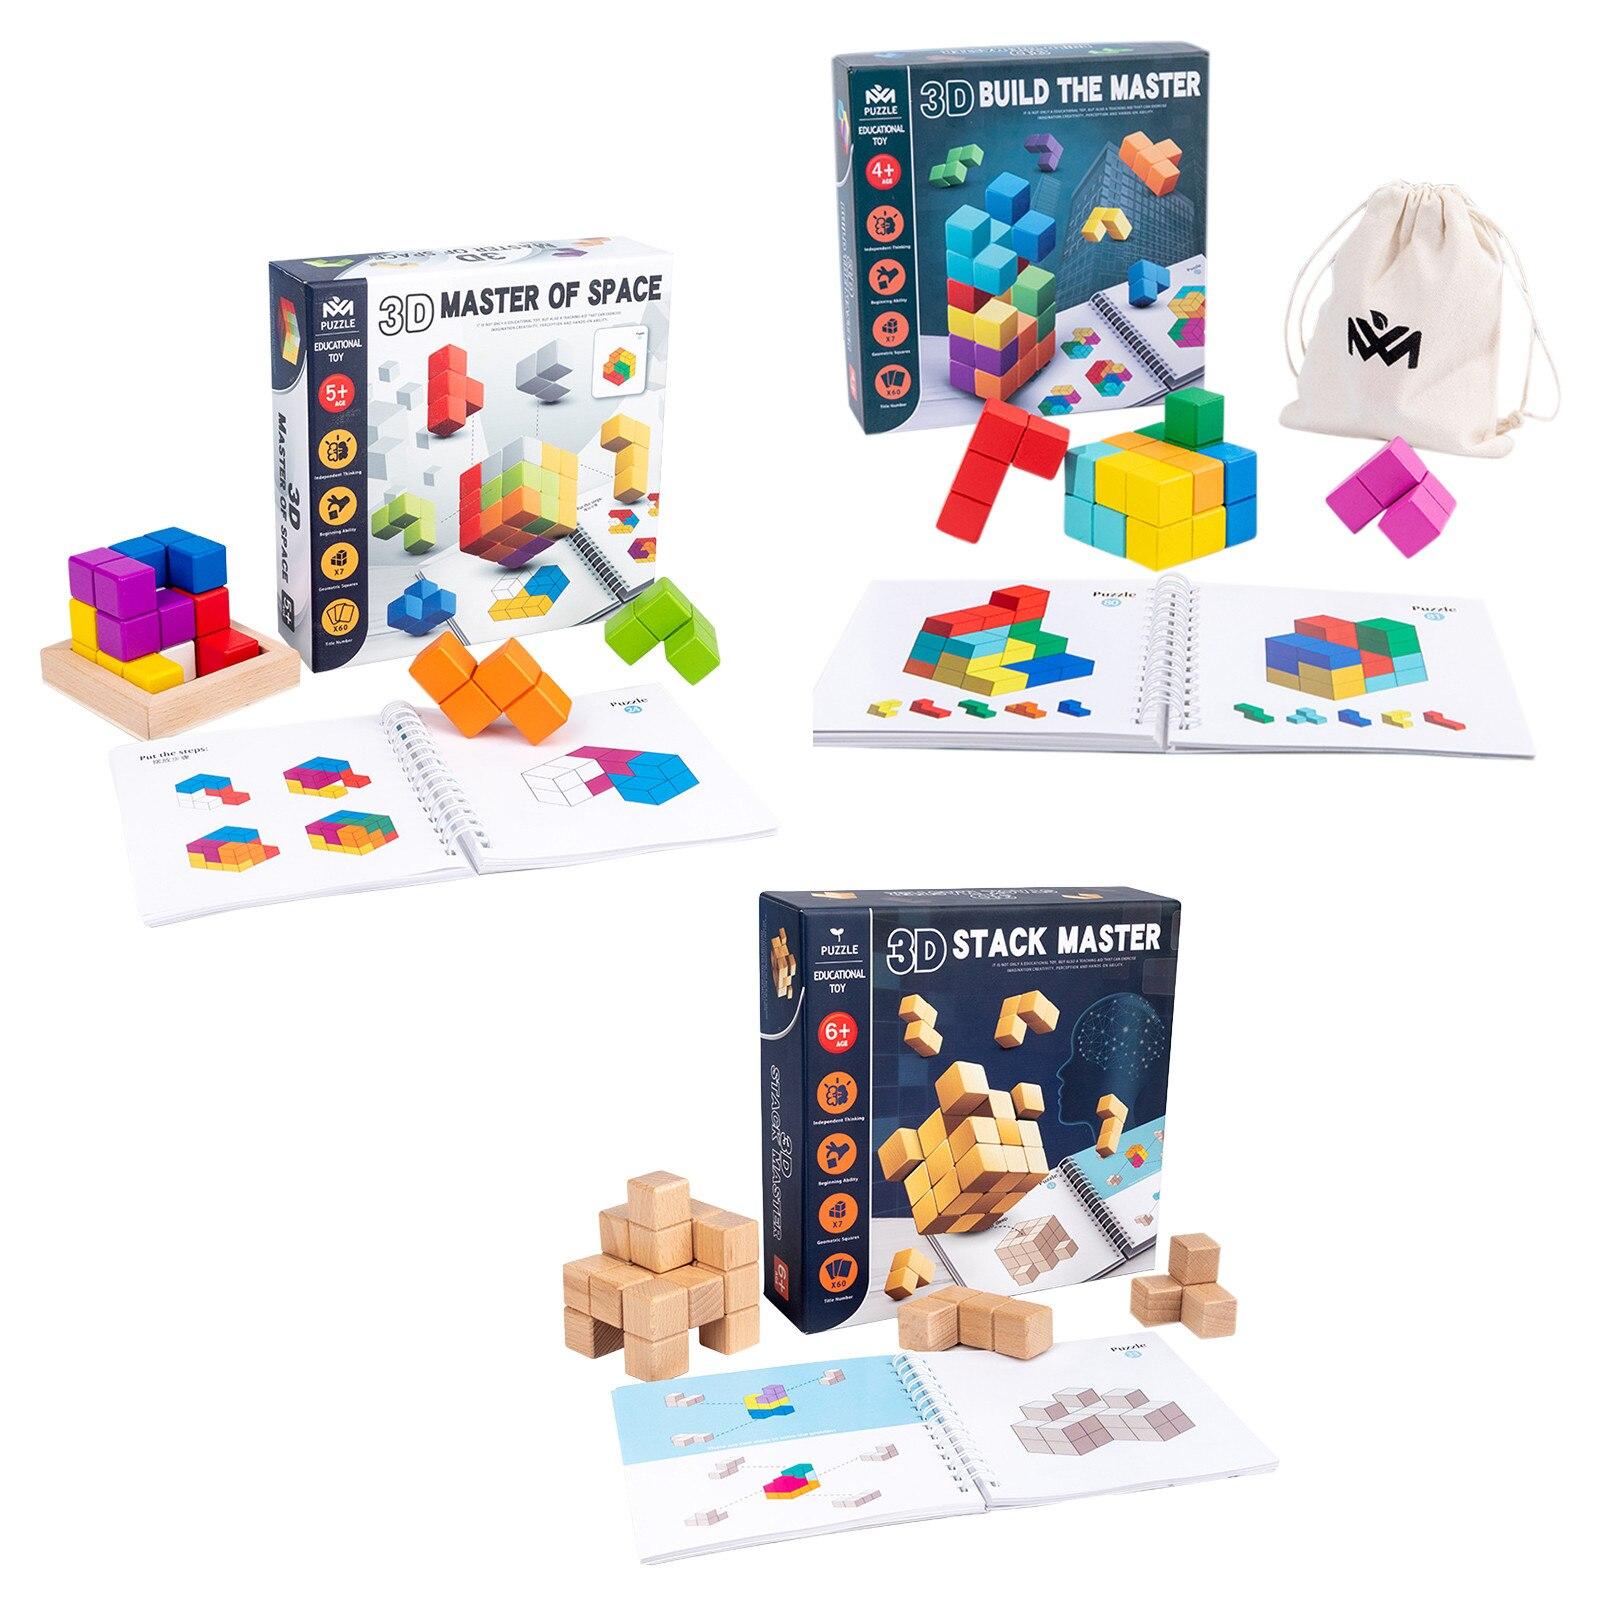 Caixa de quebra-cabeças de madeira colorida, empilhamento